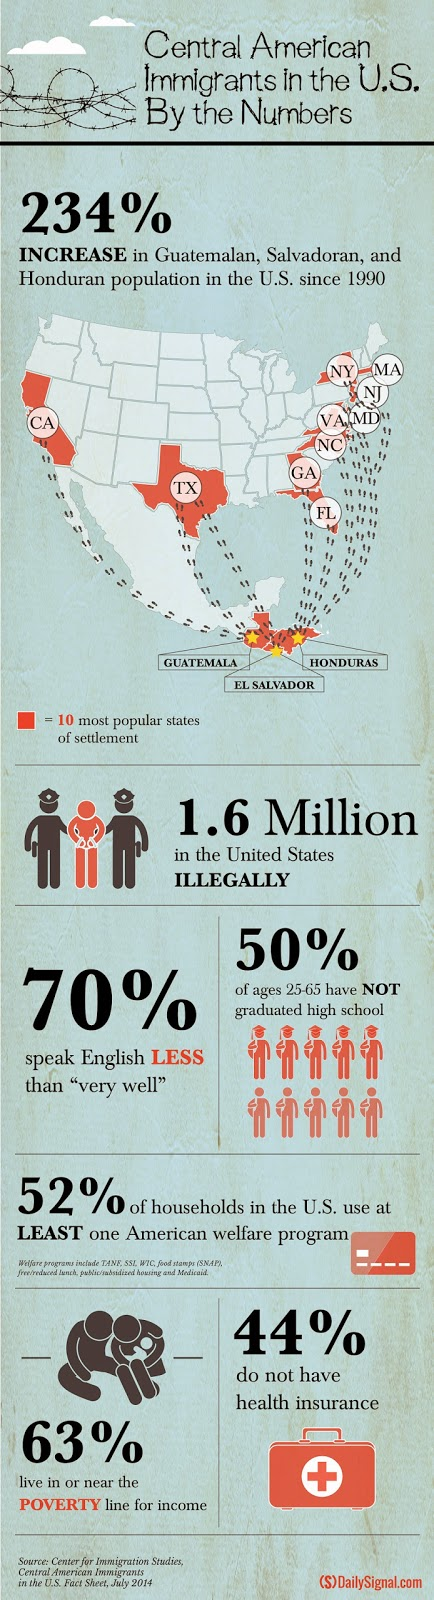 1+1+14_07_11_ImmigrationInfographic_Rusenko-01.jpg